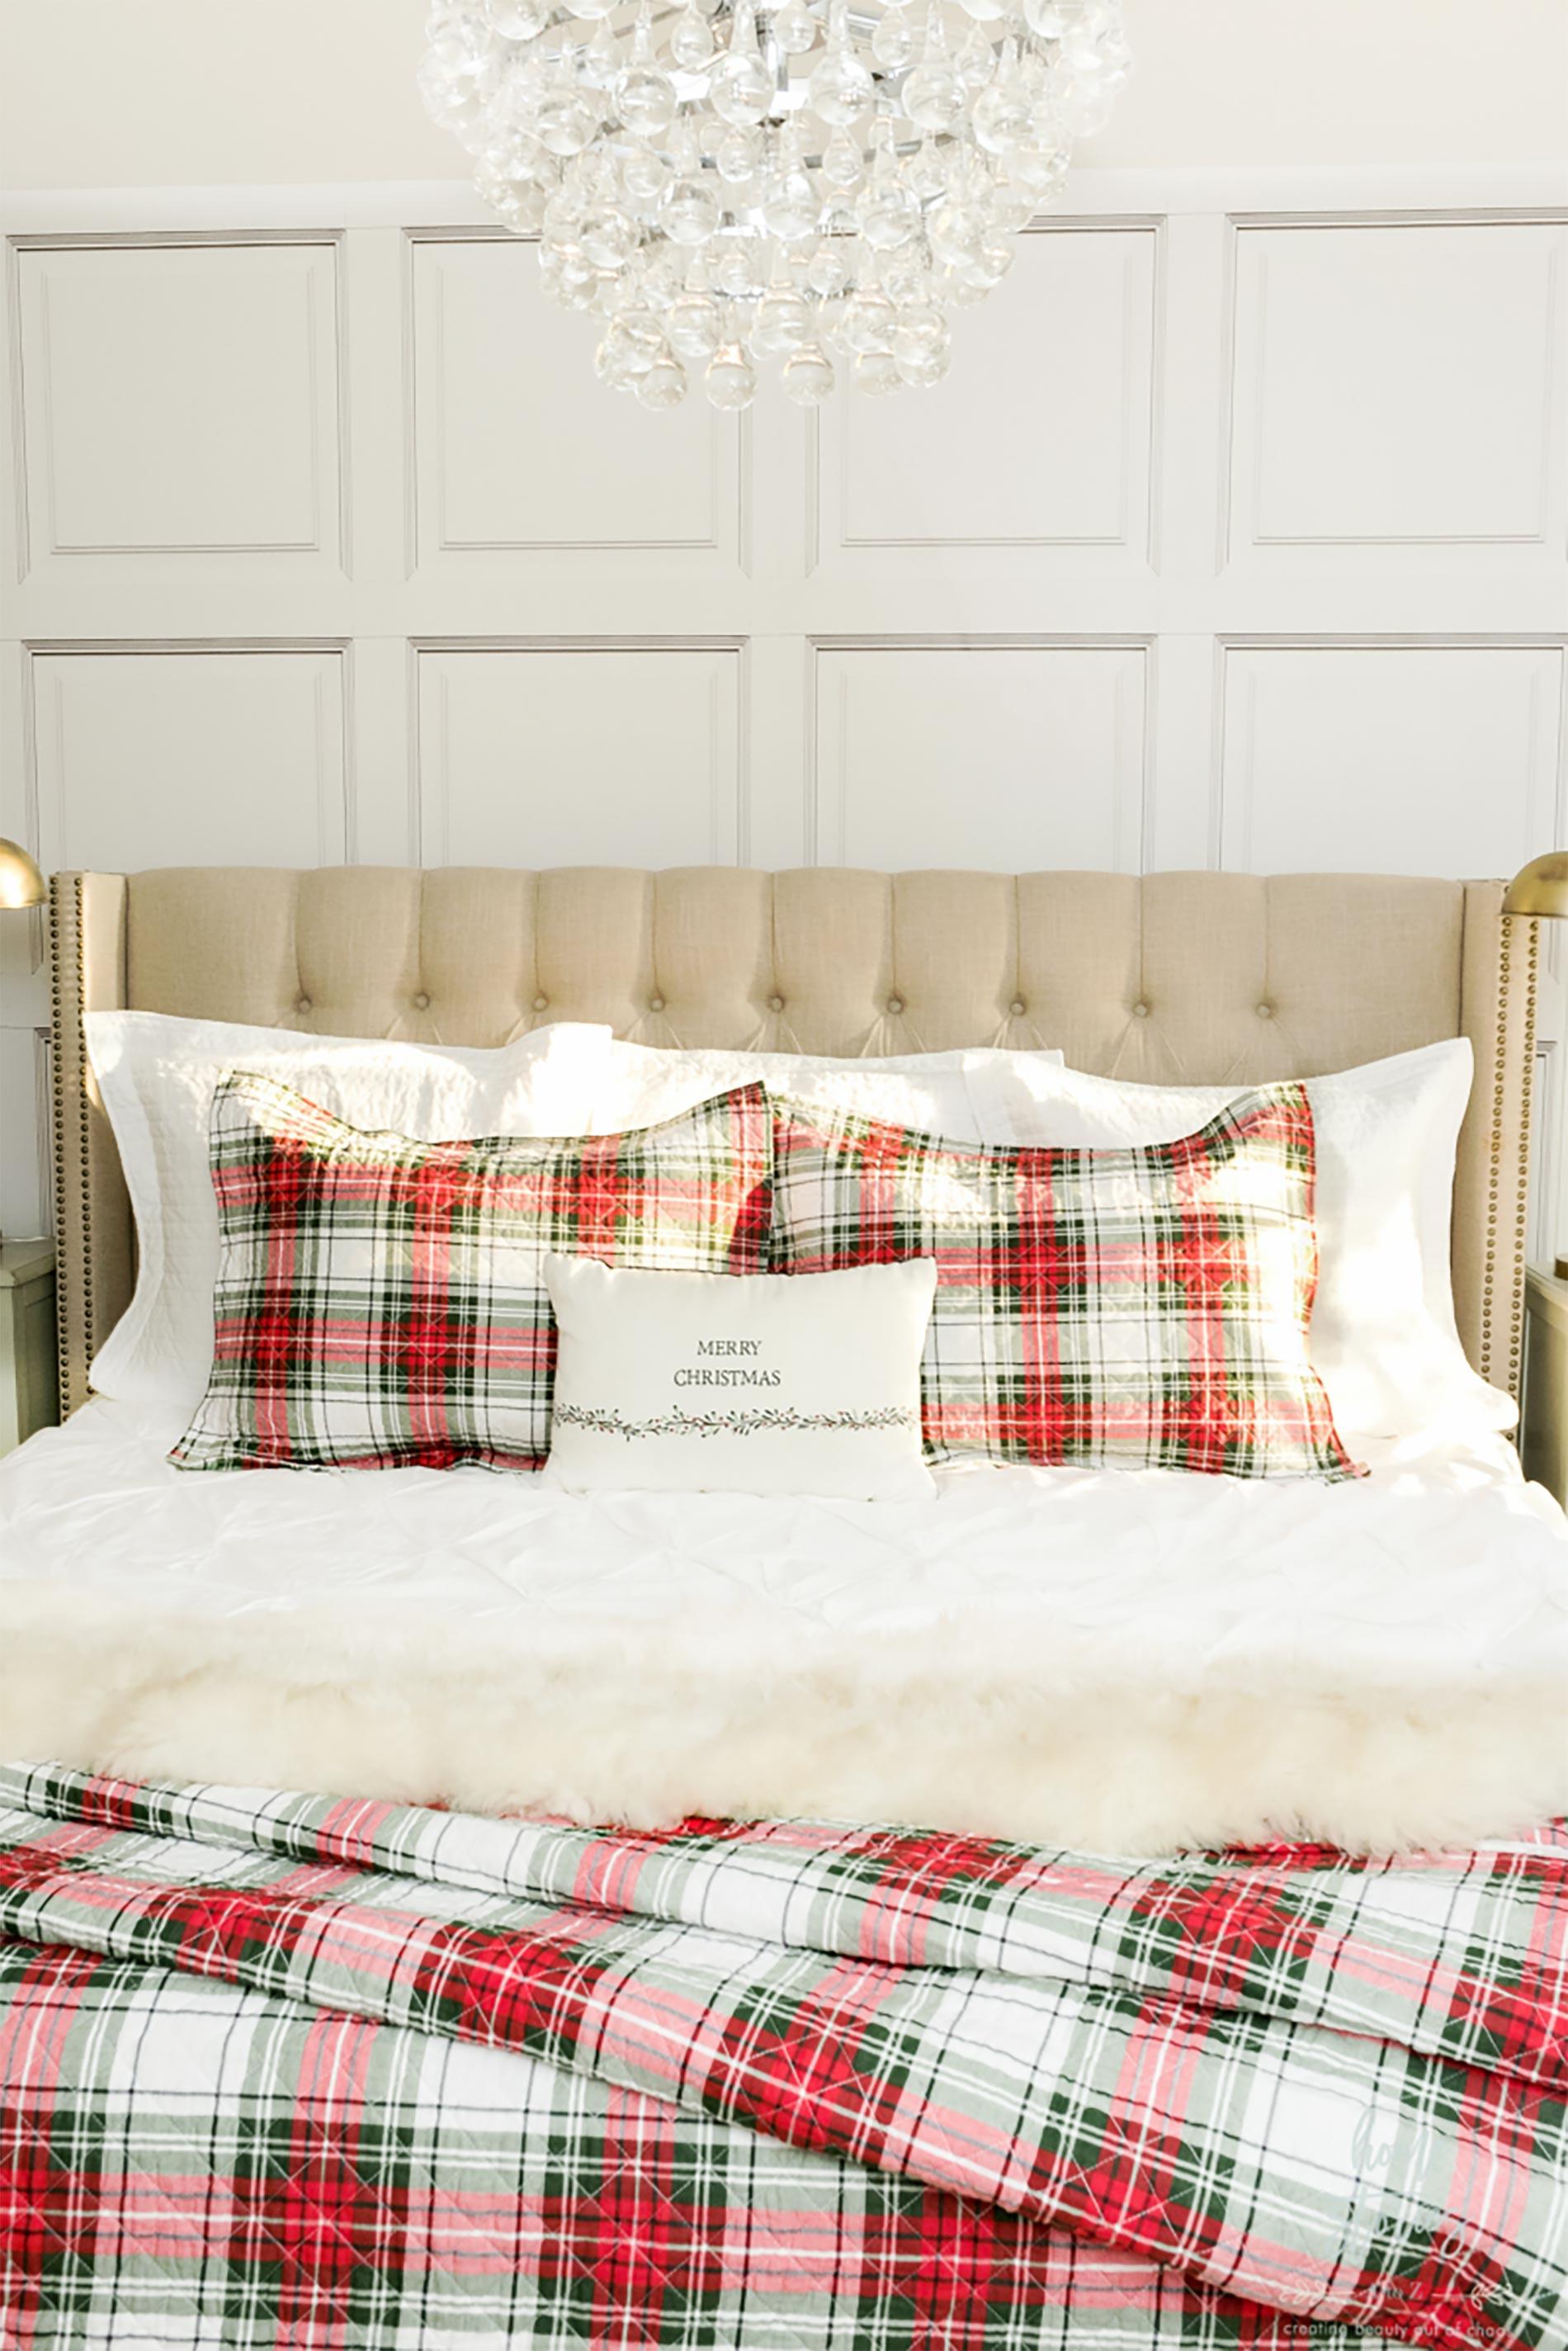 decorazioni natalizie americane per camera da letto